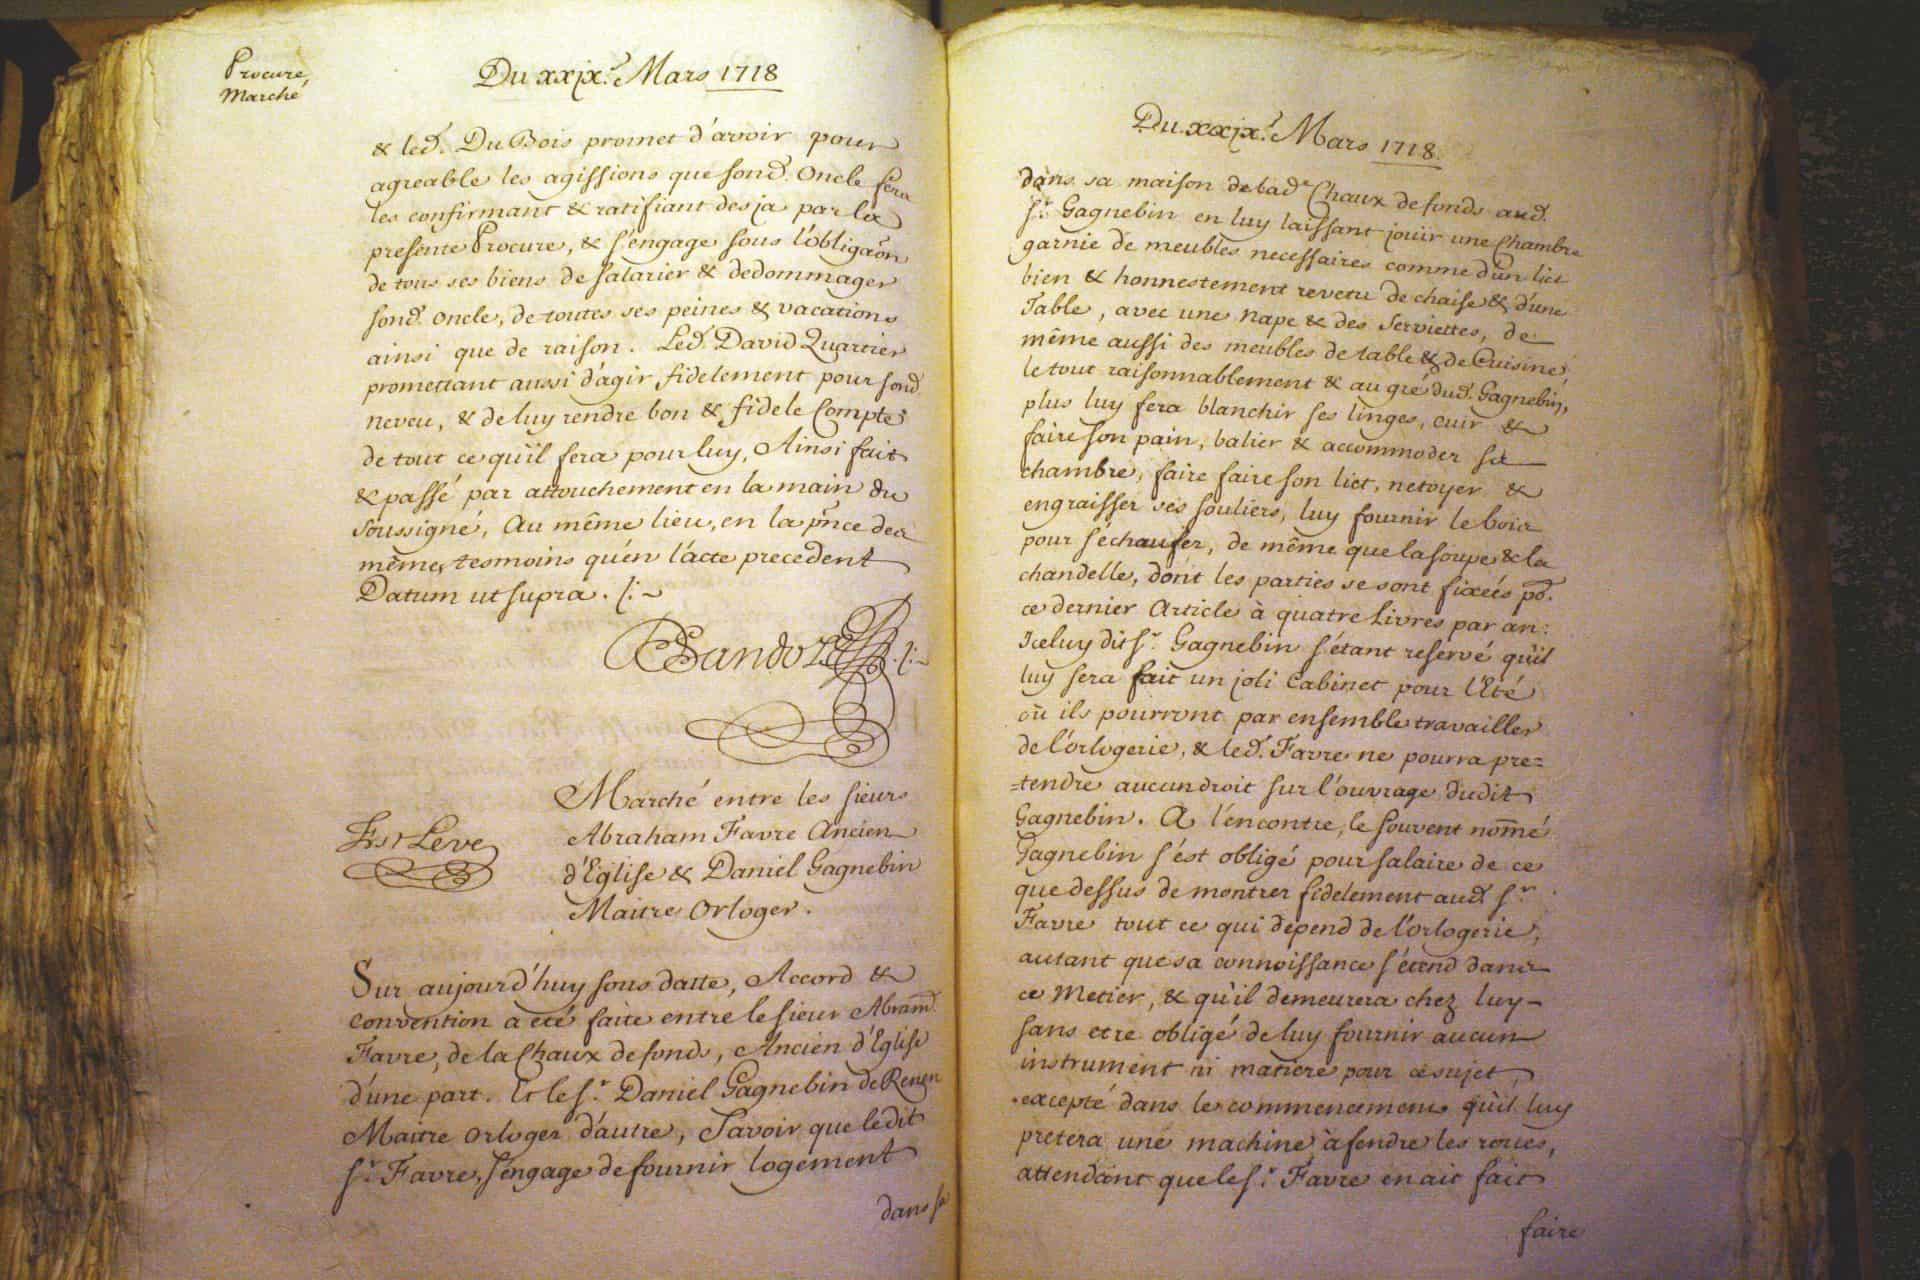 Gründung von Favre-Leuba auf der Notarurkunde vom 29.03.1718